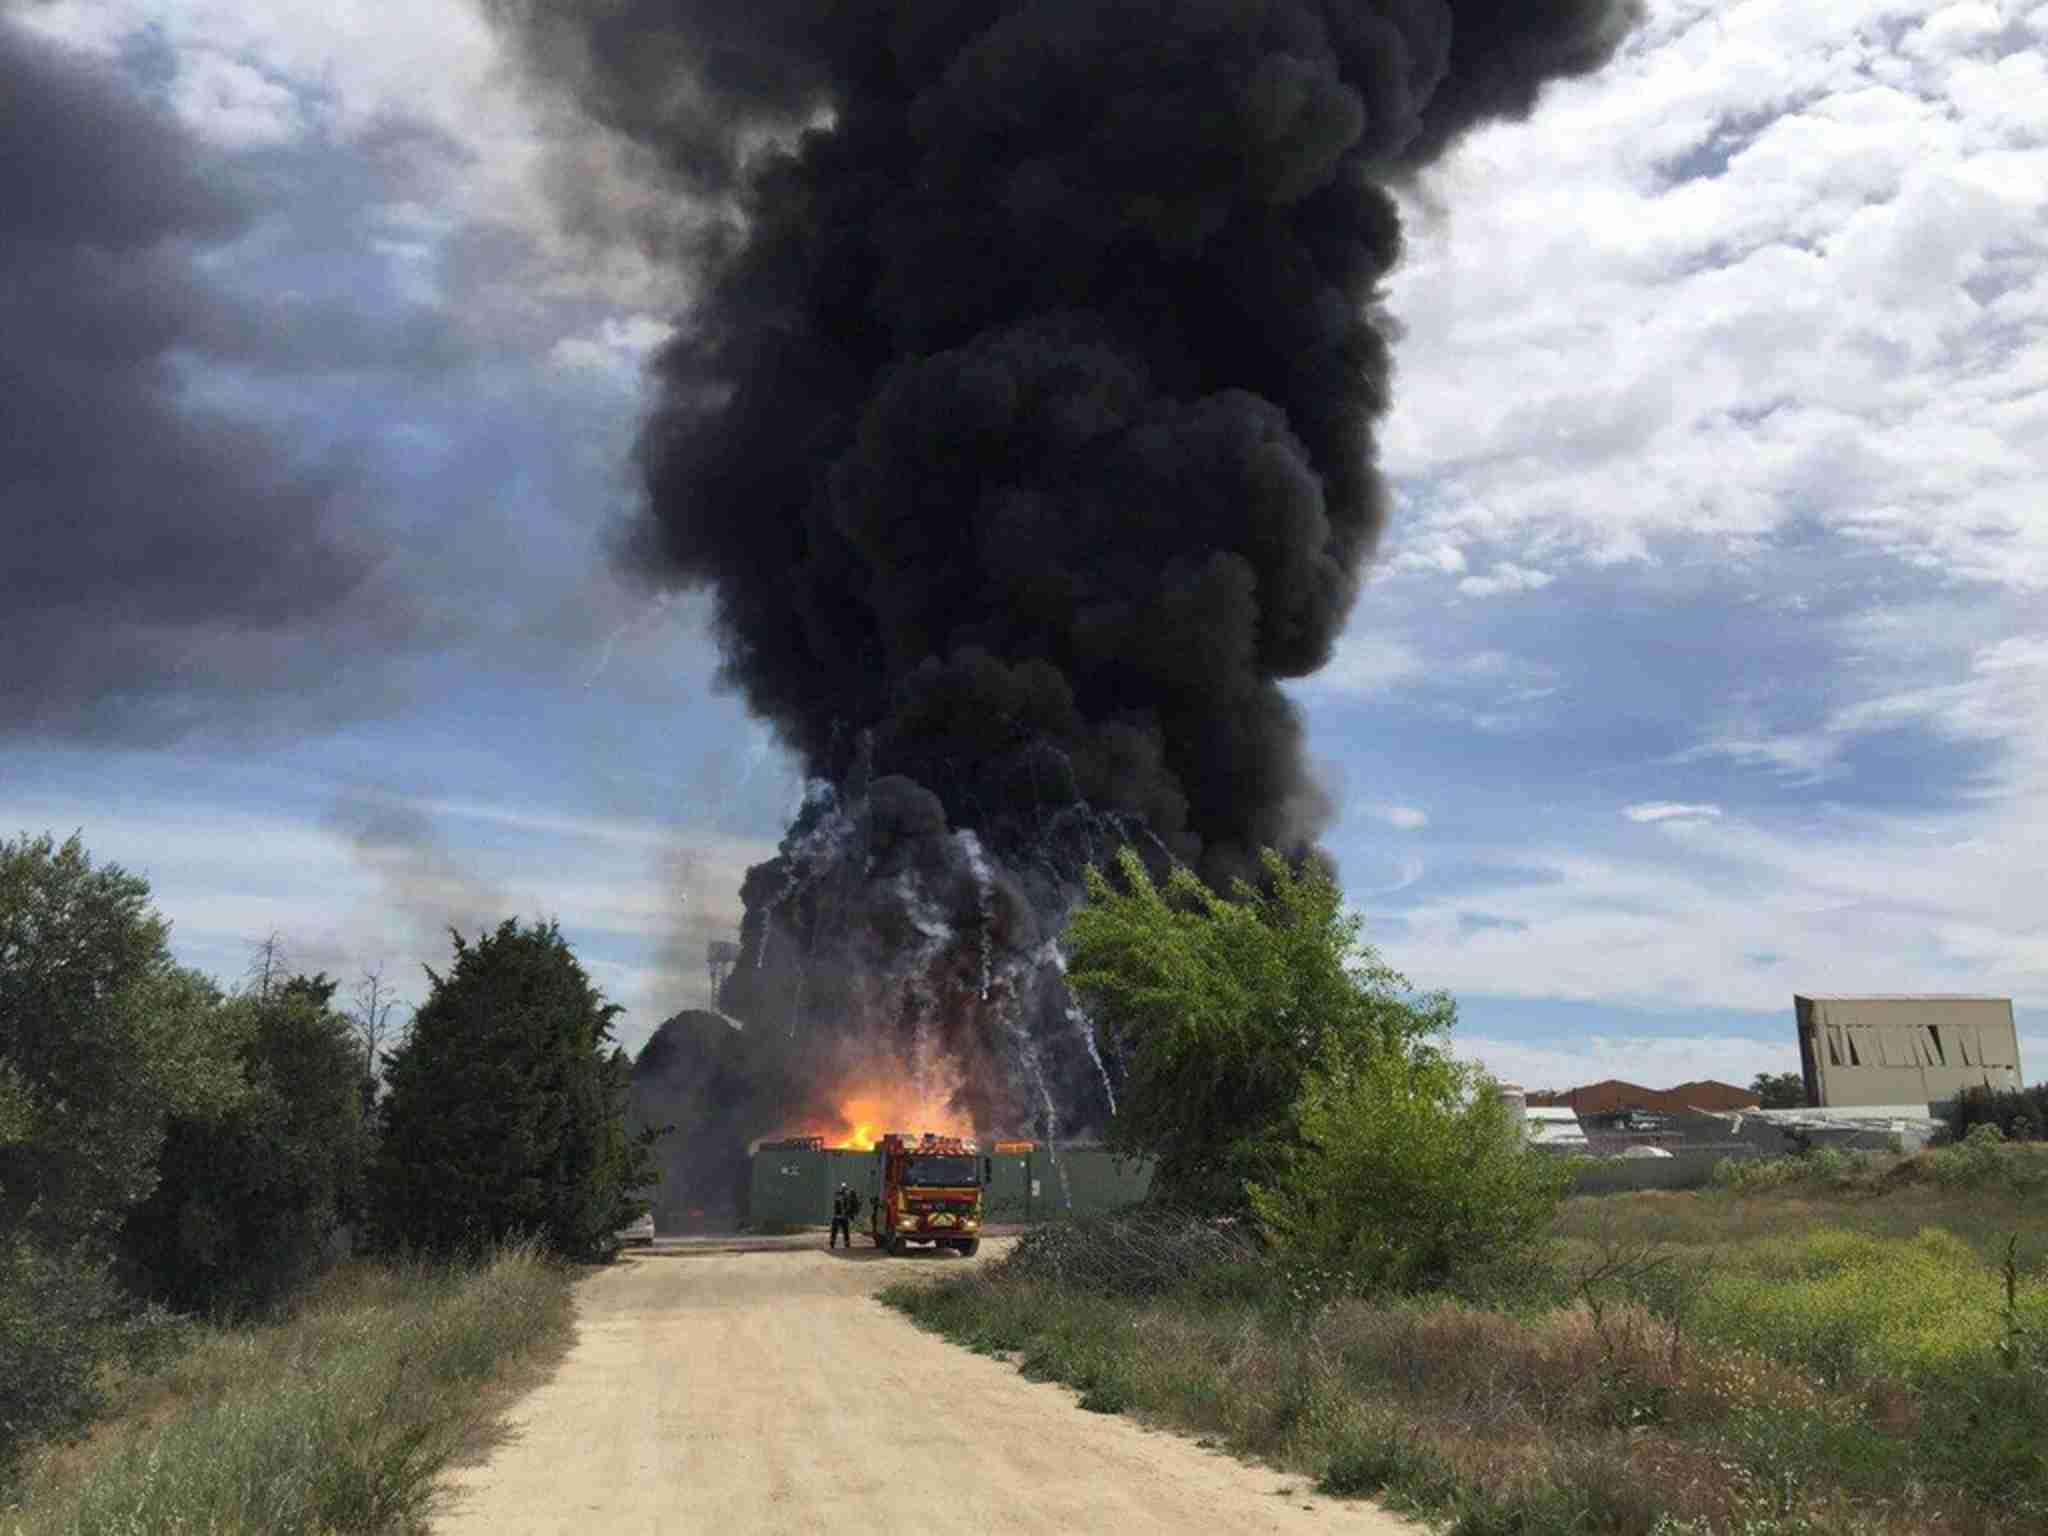 スペイン首都近郊の化学廃棄物リサイクル処理場で爆発、37人負傷 (AFP=時事) - Yahoo!ニュース